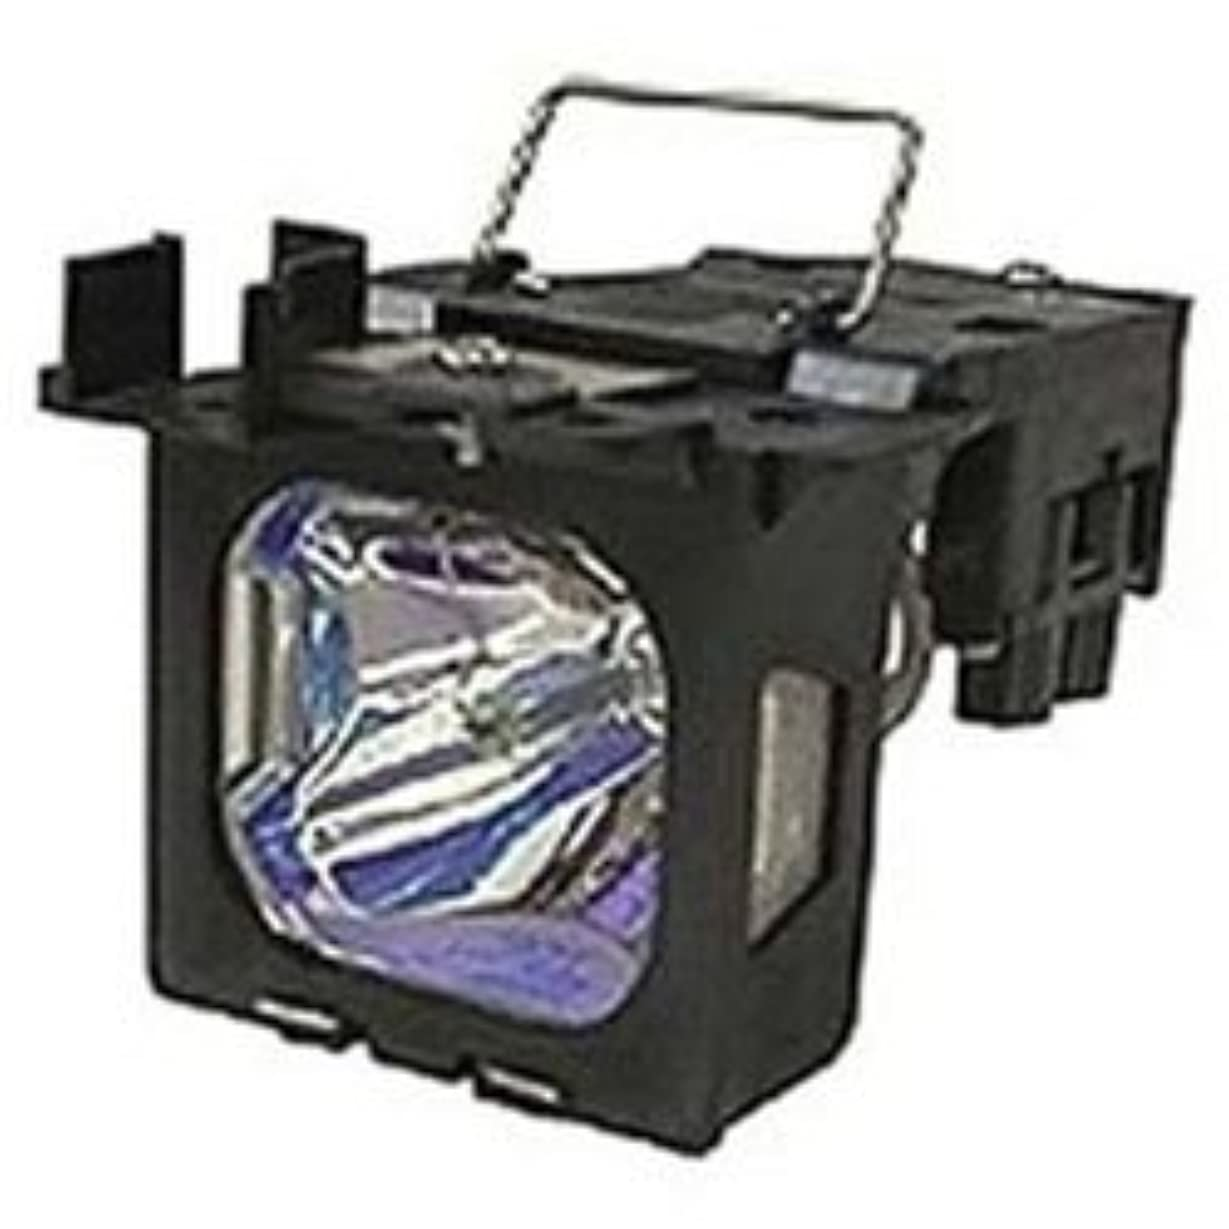 照らす農場スラッシュ交換用for Toshiba tlp-x20eランプ&ハウジングプロジェクタテレビランプ電球